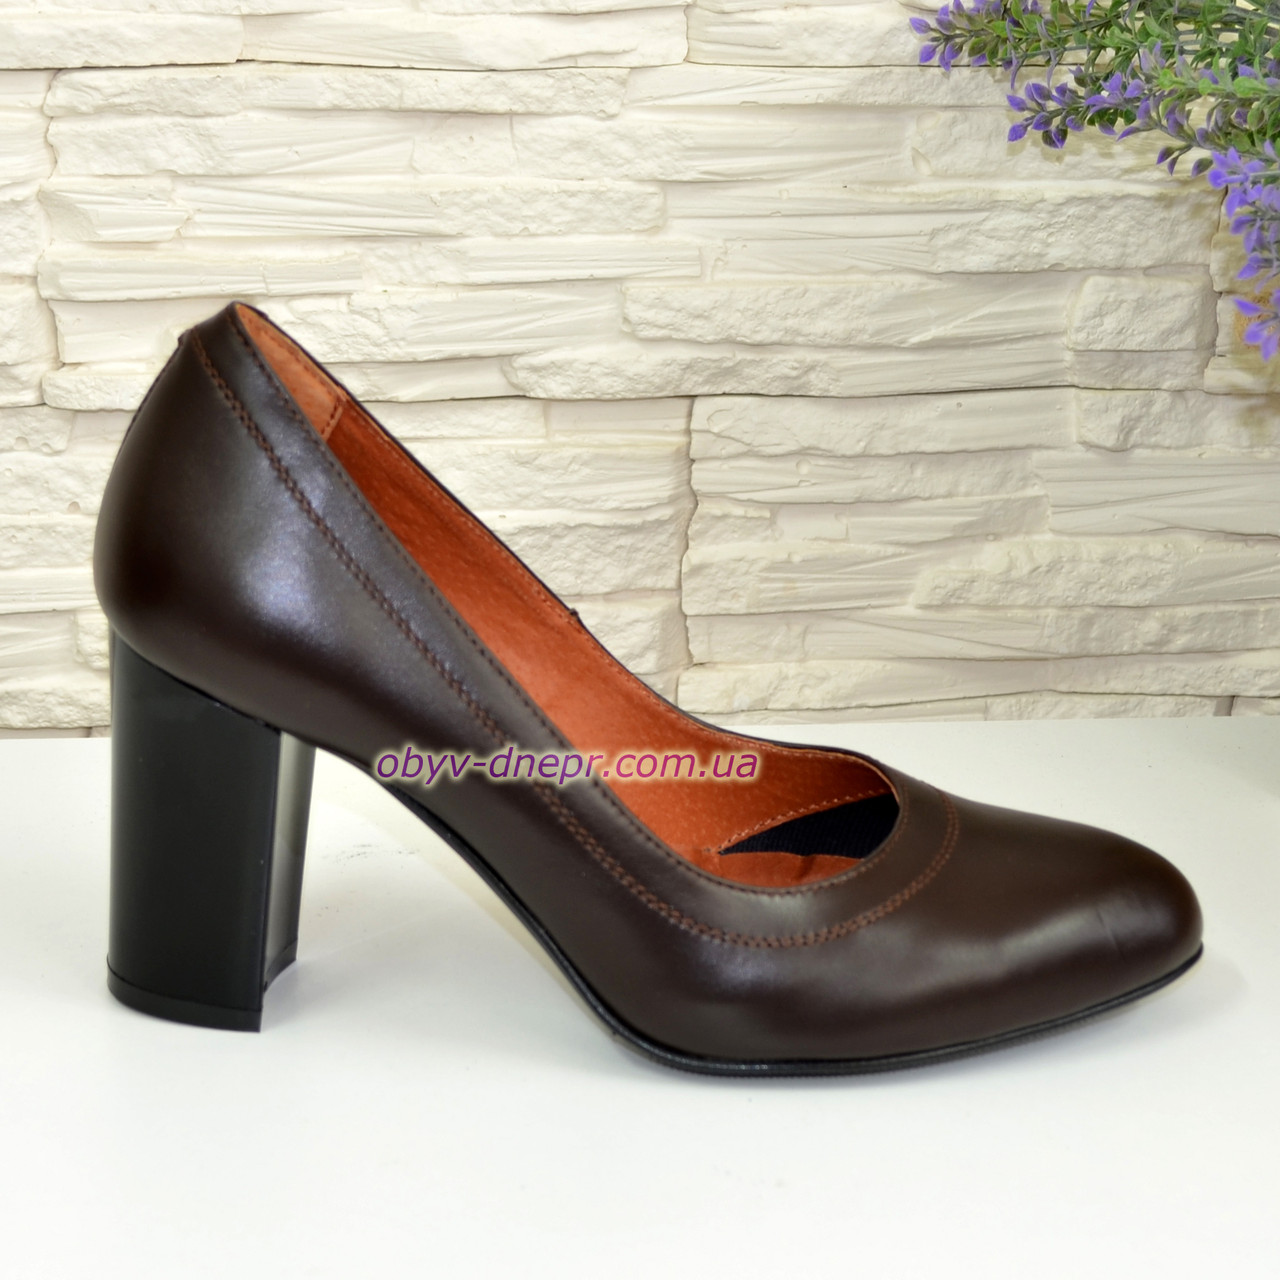 Туфли кожаные женские на устойчивом высоком каблуке, цвет коричневый